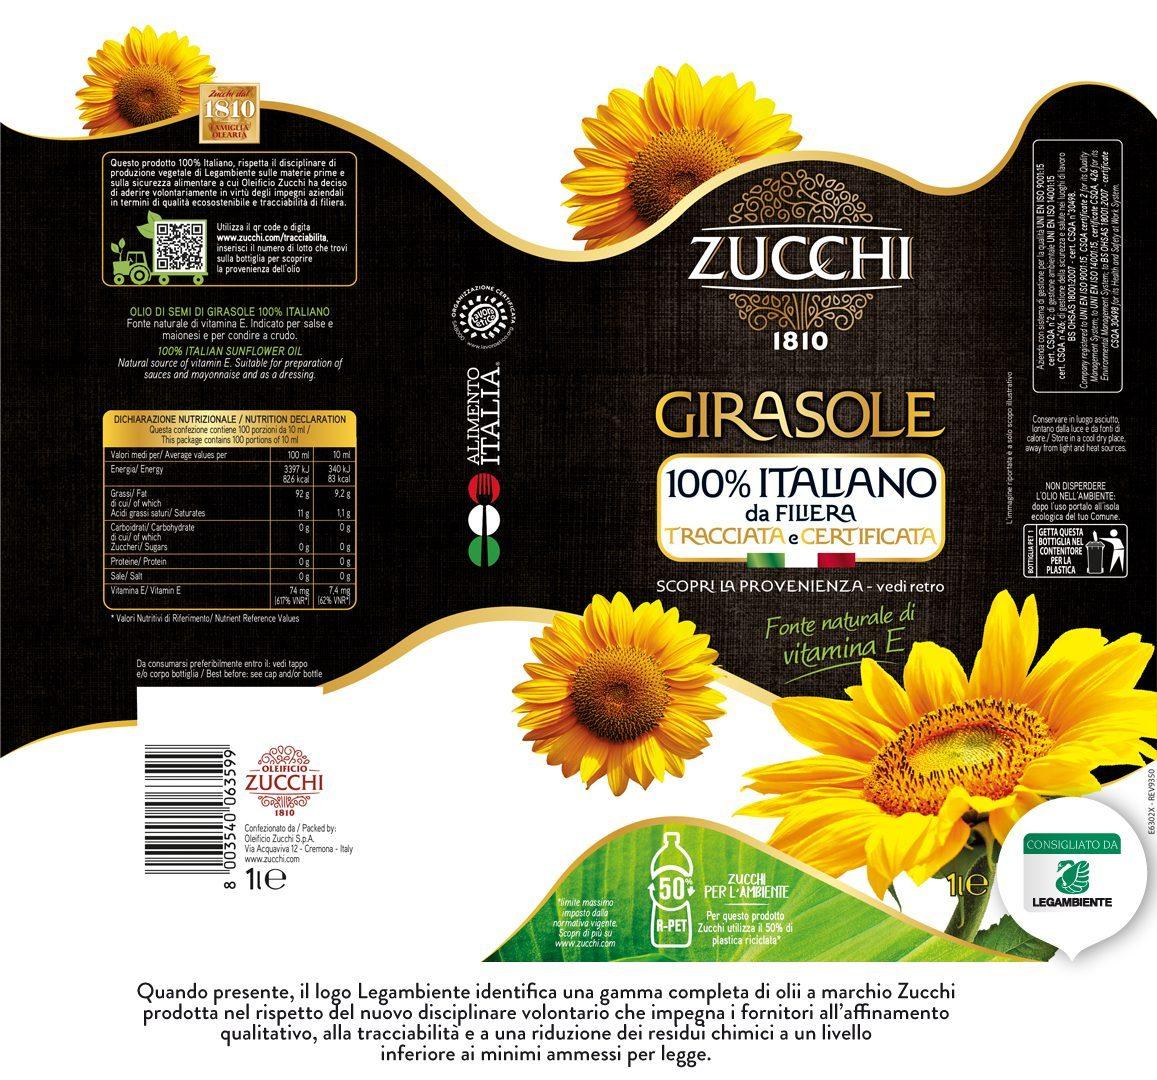 E6302X Zucchi Girasole 100% Ita Legambiente 1l